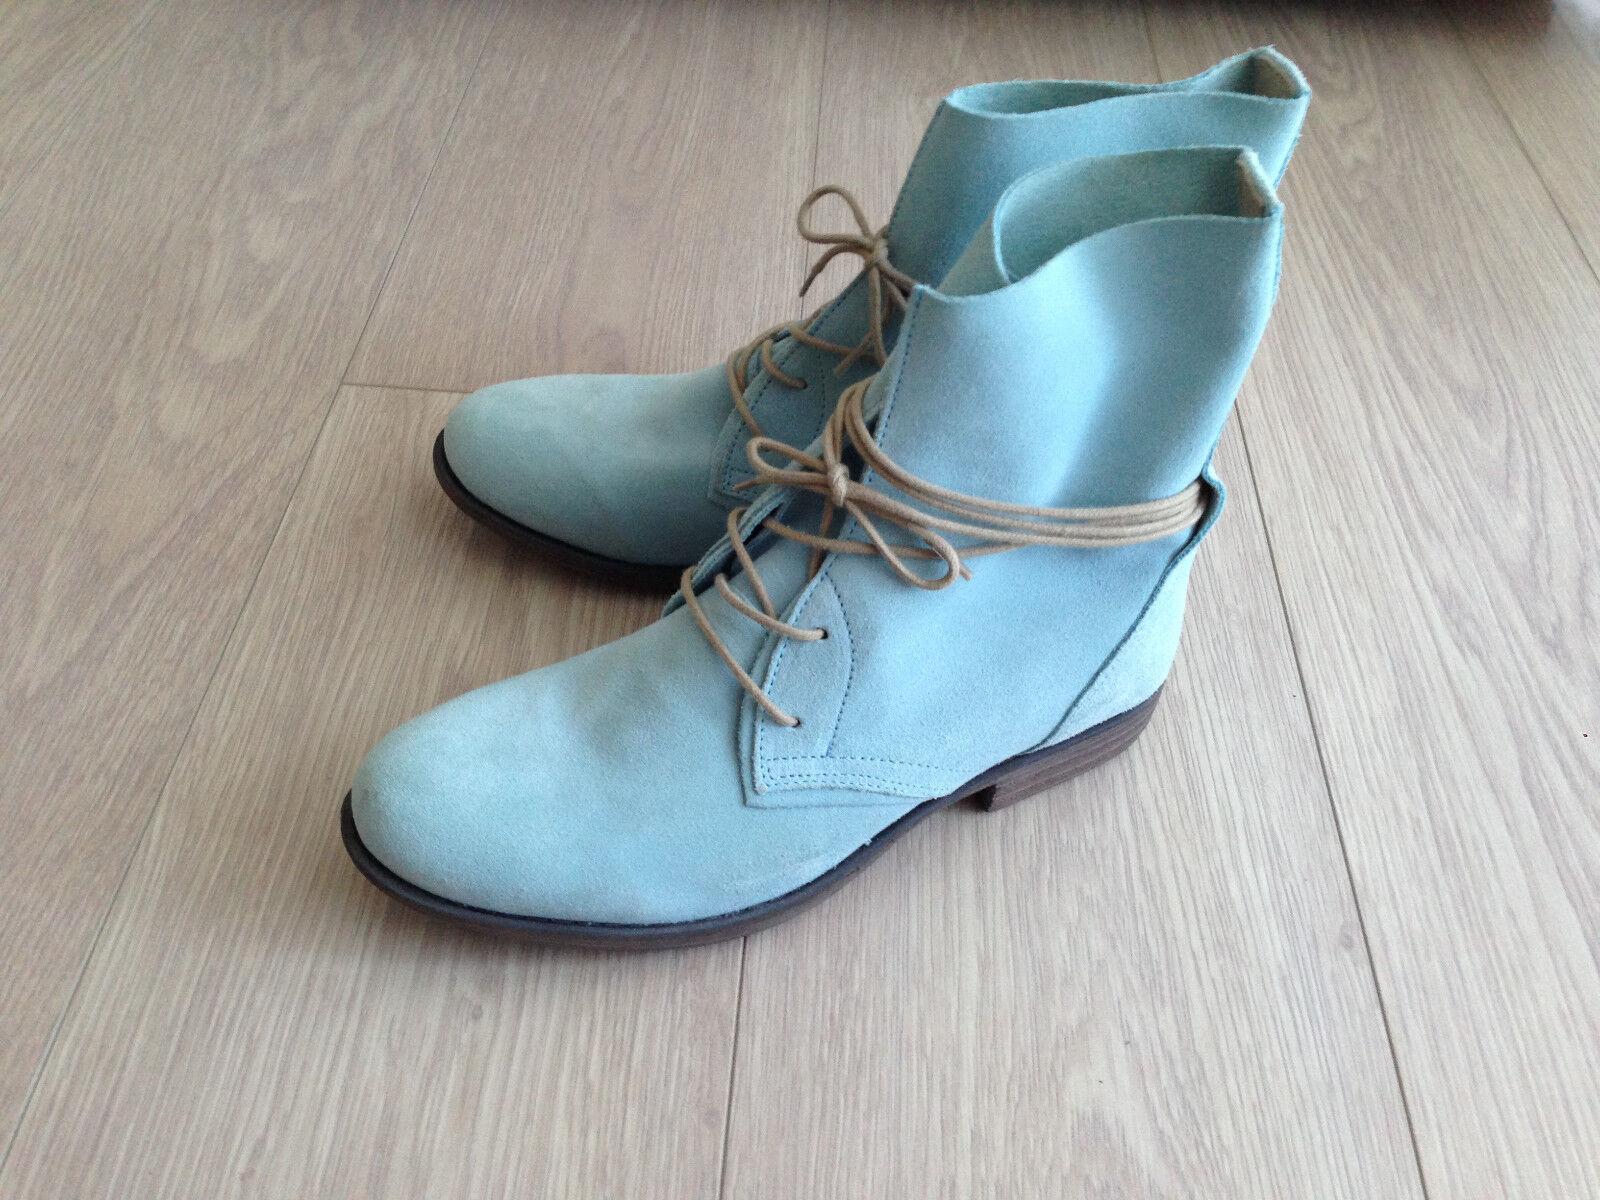 Post Xchange Stiefel Stiefel Schnürstiefeletten hellblau Echtleder Gr. 39